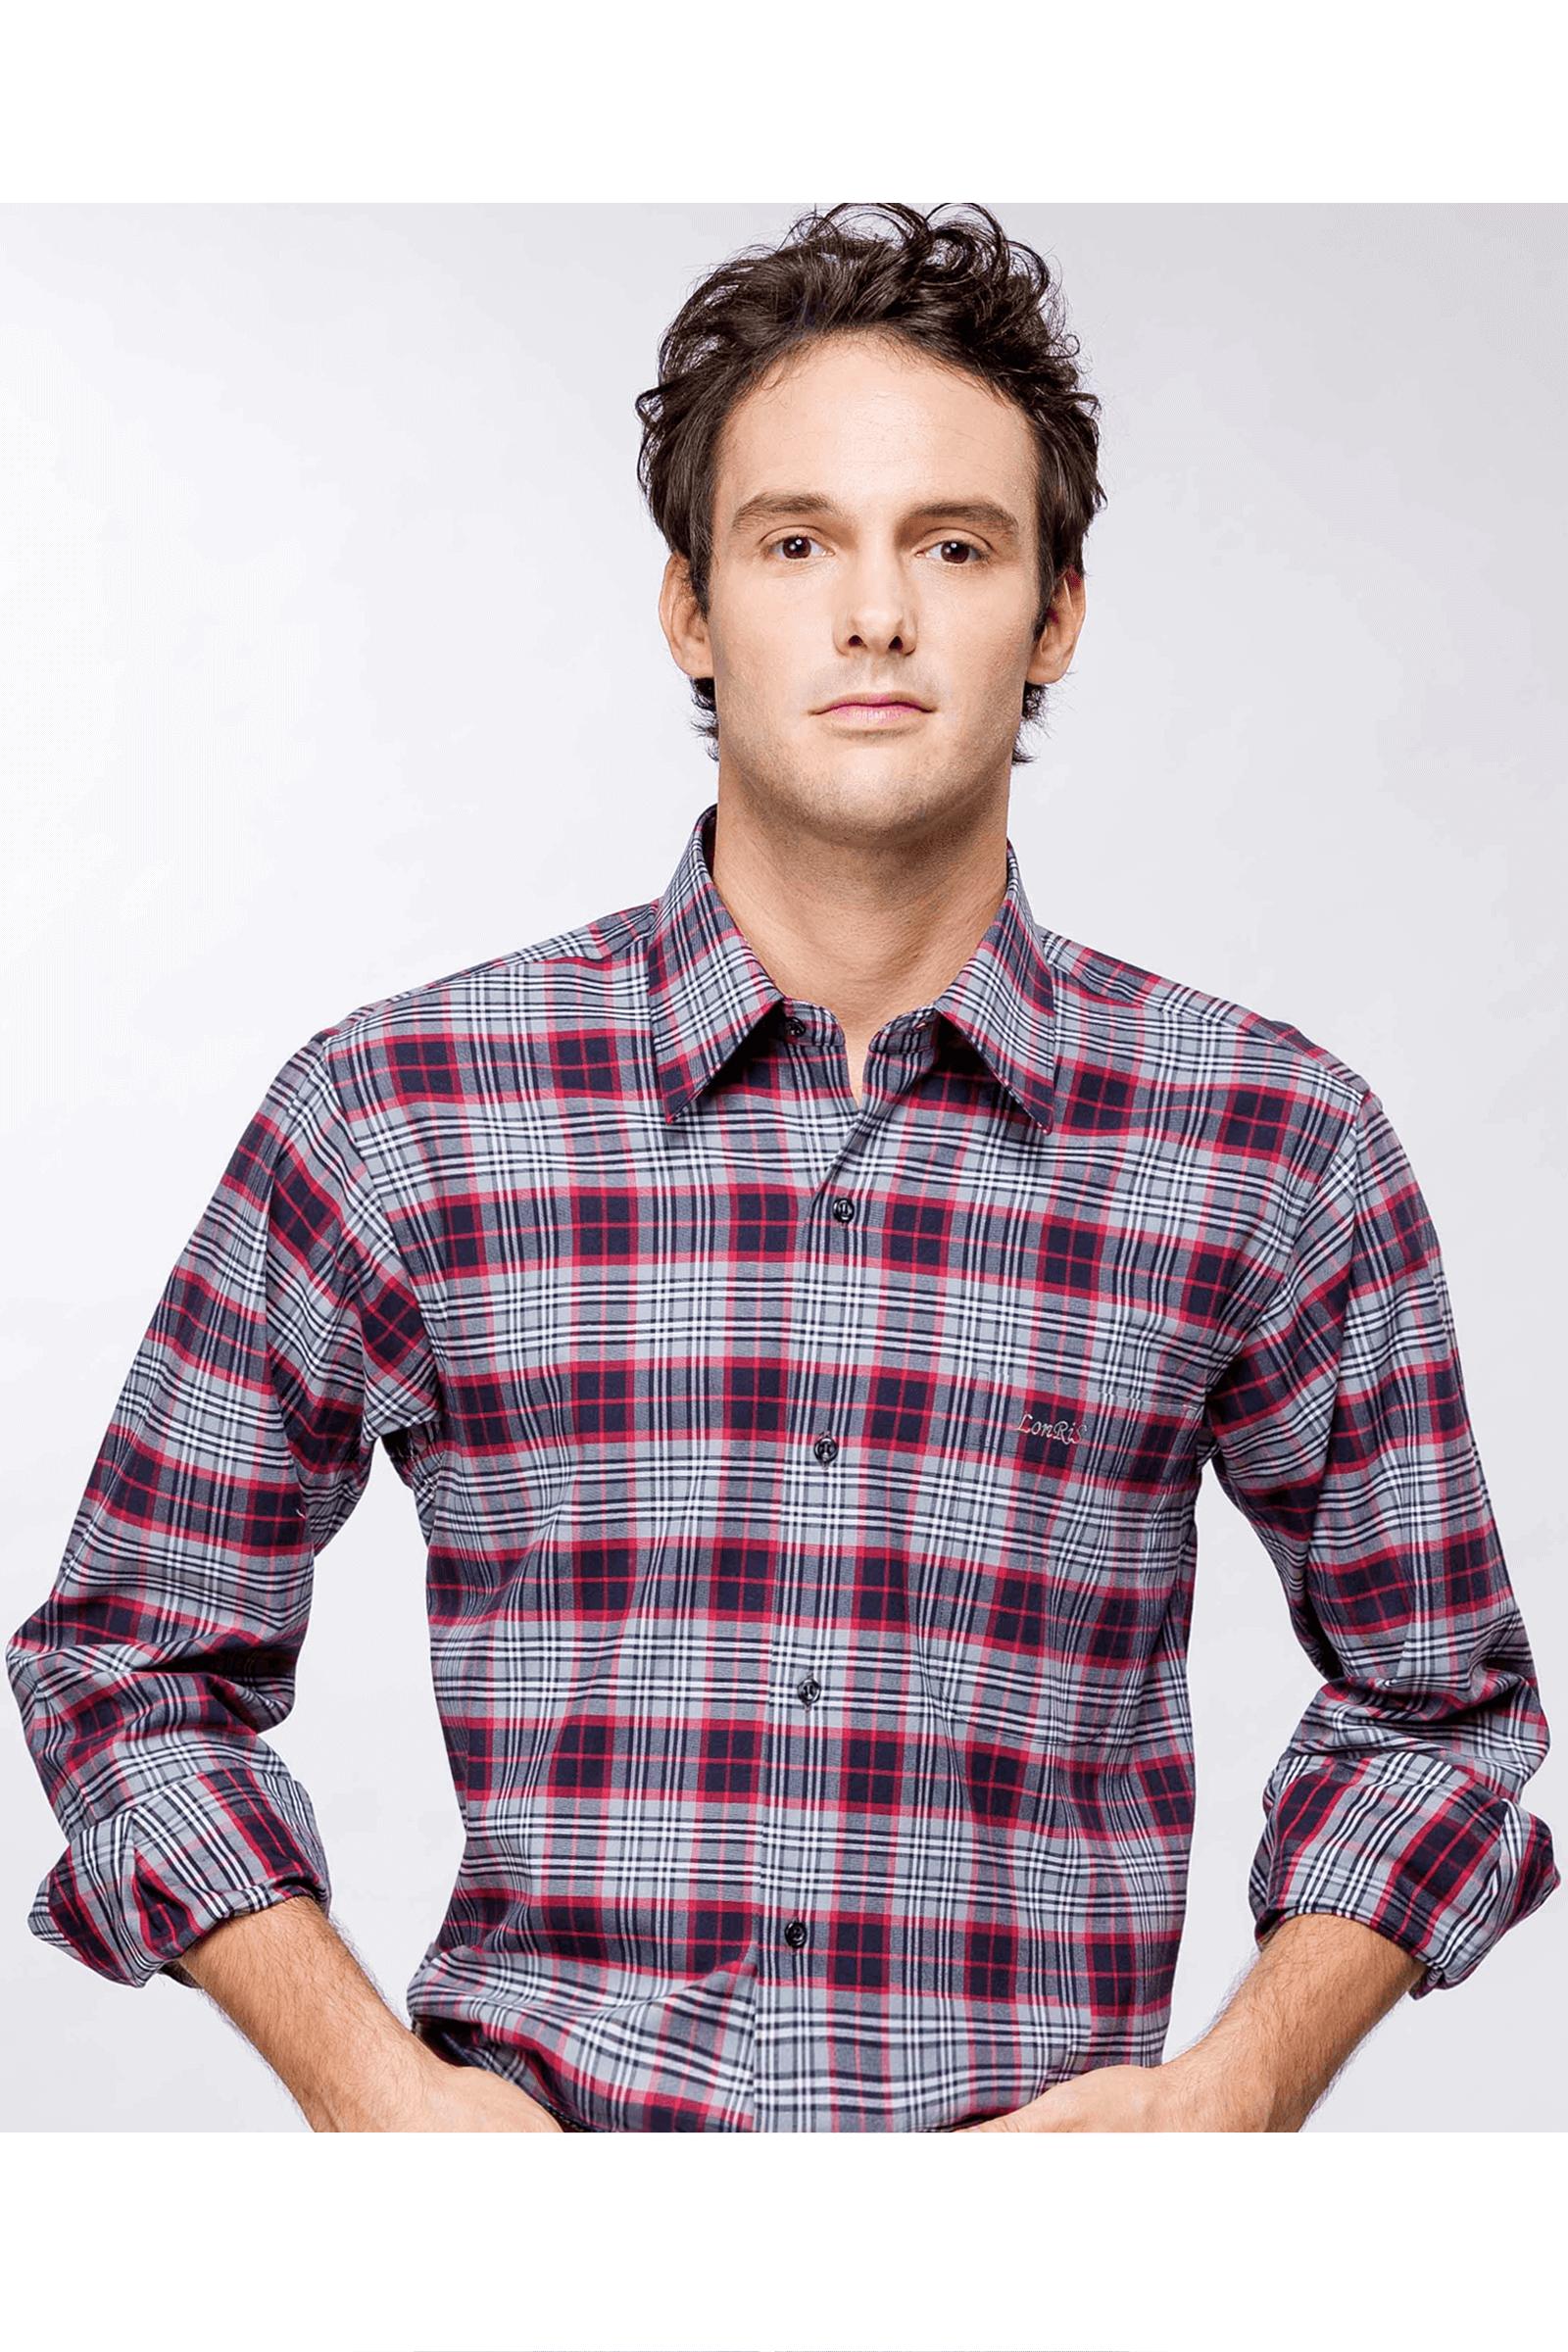 雙色格紋純棉磨毛長袖襯衫(紅黑)/舒適透氣